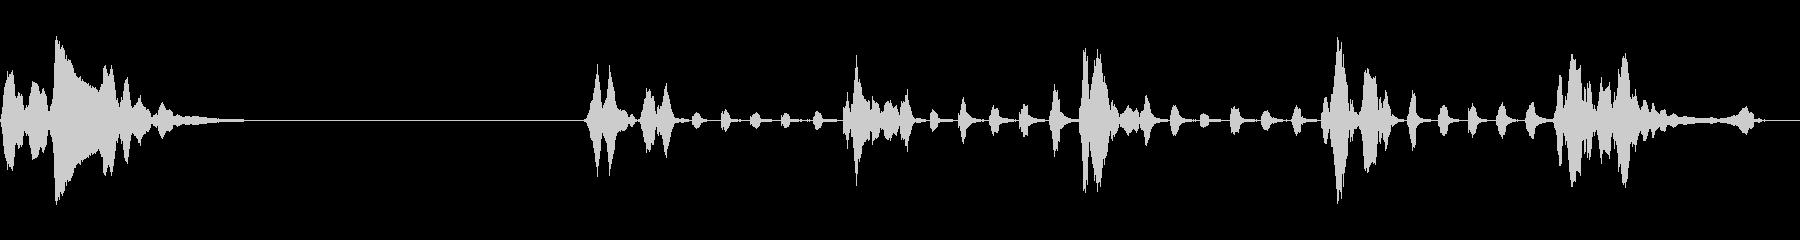 ハーモニカ、2つのバージョン、楽器...の未再生の波形